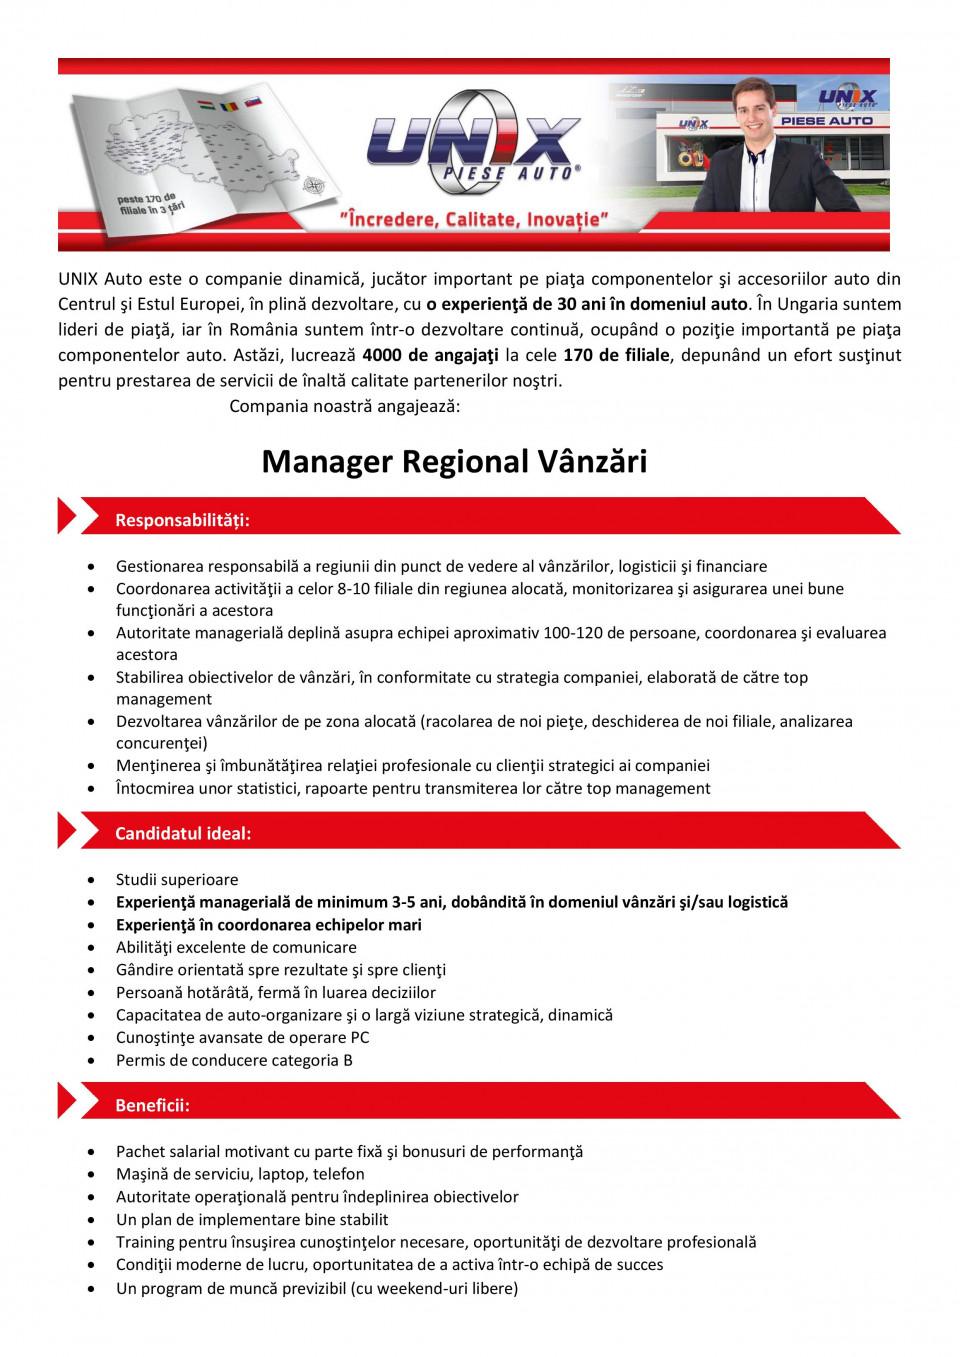 UNIX Auto este o companie dinamica, jucator important pe plata componentelor 5i accesoriilor auto din Centrul 5i Estul Europei, in plina dezvoltare, cu o experienta de 30 ani in domeniul auto. In Ungaria suntem lideri de plata, iar in Romania suntem intr-o dezvoltare continua, ocupand o pozitie importanta pe plata componentelor auto. Astazi, lucreaza 4000 de angajati la cele 170 de filiale, depunand un efort sustinut pentru prestarea de servicii de Malta calitate partenerilor no5tri. Cornpania noastra angajeaza:  Manager Regional Vanzari  Responsabilitati: • Gestionarea responsabila a regiunii din punct de vedere al vanzarilor, logisticii i financiare • Coordonarea activitatii a celor 8-10 filiale din regiunea alocata, monitorizarea i asigurarea unei bune functionari a acestora • Autoritate manageriala deplina asupra echipei aproximativ 100-120 de persoane, coordonarea i evaluarea acestora • Stabilirea obiectivelor de vanzari, In conformitate cu strategia companiei, elaborate de catre top management • Dezvoltarea vanzarilor de pe zona alocata (racolarea de not piete, deschiderea de not filiale, analizarea concurentei) • Mentinerea i imbunatatirea relatiei profesionale cu clientii strategici ai companiei • Intocmirea unor statistici, rapoarte pentru transmiterea lor catre top management  Candidatul ideal: • Studii superioare • ExperientS manageriala de minimum 3-5 ani, dobandita in domeniul vanz5ri i/sau logistics • Experienta in coordonarea echipelor marl • Abilitati excelente de comunicare • Gandire orientate spre rezultate i spre clienti • Persoana hotarata, ferma in luarea deciziilor • Capacitatea de auto-organizare i o large viziune strategics, dinamica • CunoOnte avansate de operare PC • Permis de conducere categoria B • Pachet salarial motivant cu parte fixa i bonusuri de performanta • Ma5ina de serviciu, laptop, telefon • Autoritate operationala pentru Indeplinirea obiectivelor • Un plan de implementare bine stabilit • Training pentru Ins4rea cuno5tintelor ne